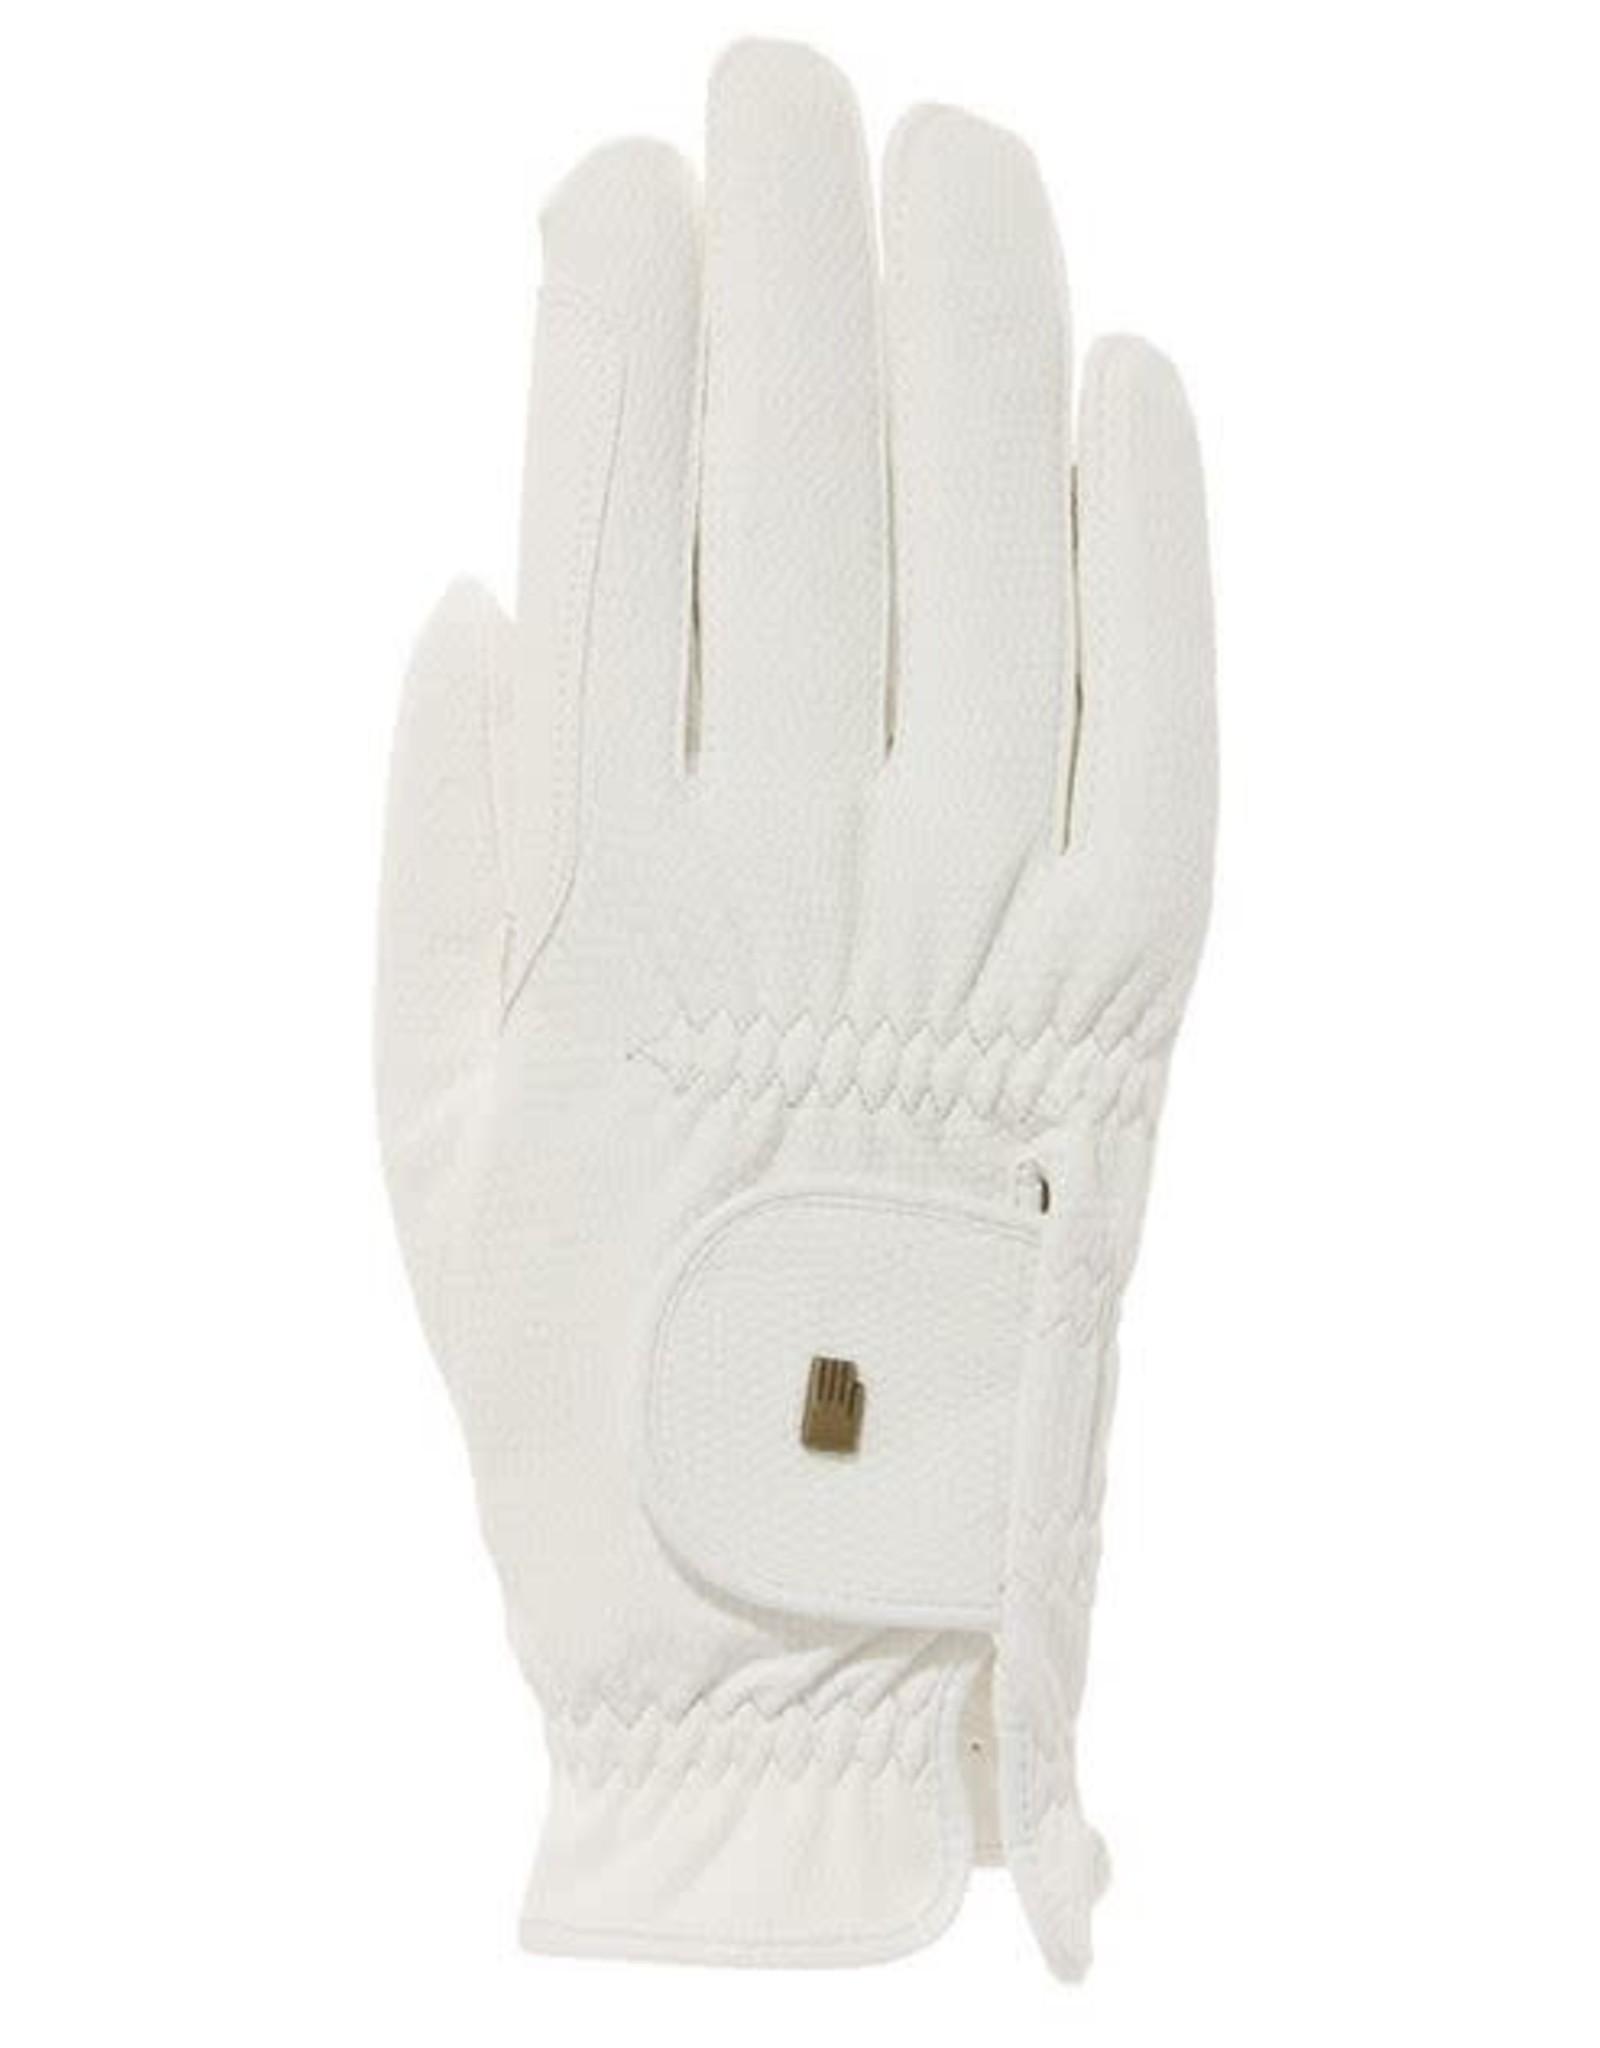 roeckl Roeckl handschoenen wit